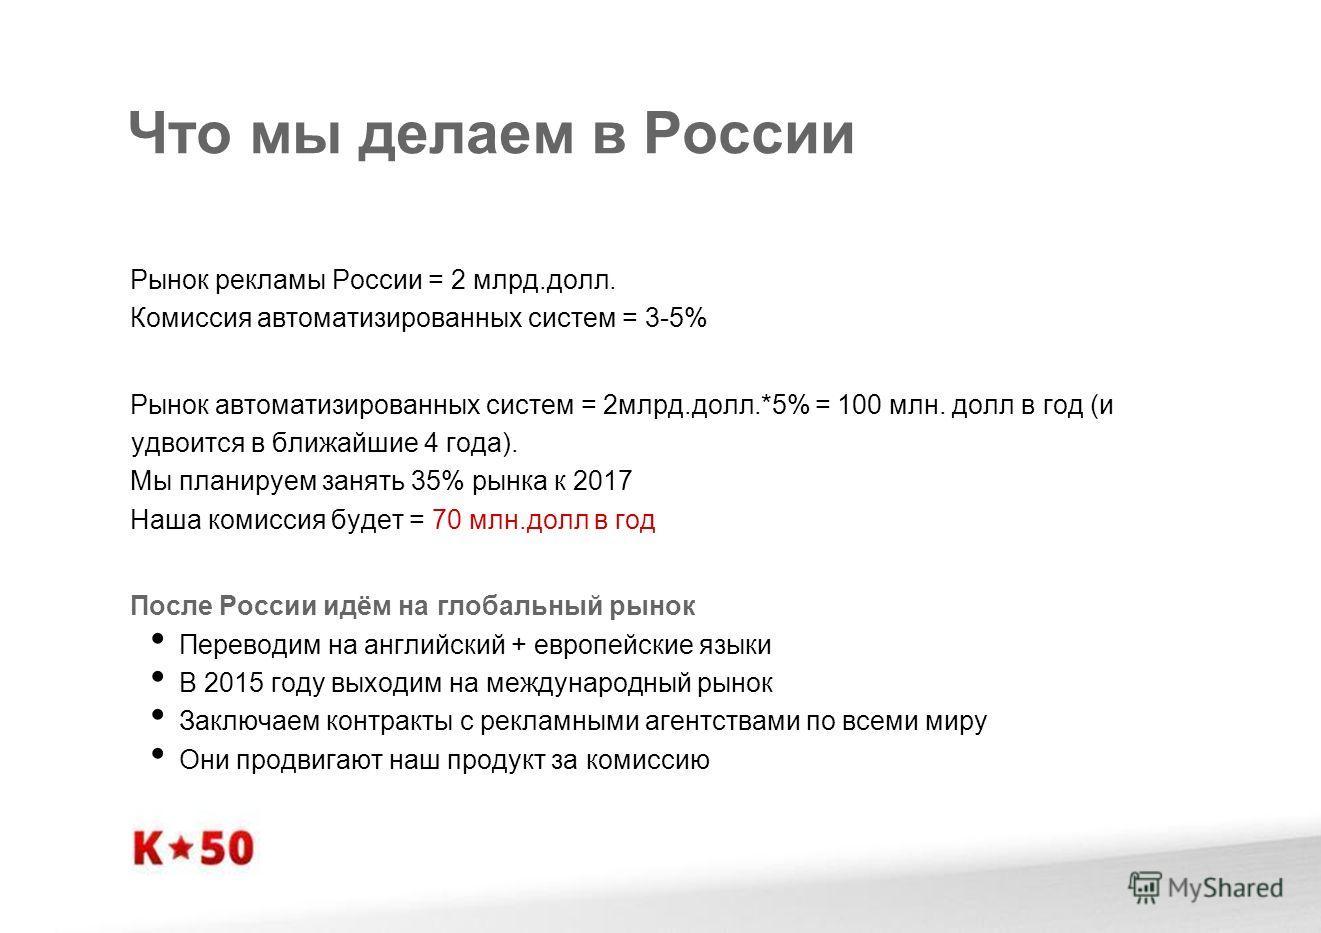 Что мы делаем в России Рынок рекламы России = 2 млрд.долл. Комиссия автоматизированных систем = 3-5% Рынок автоматизированных систем = 2млрд.долл.*5% = 100 млн. долл в год (и удвоится в ближайшие 4 года). Мы планируем занять 35% рынка к 2017 Наша ком